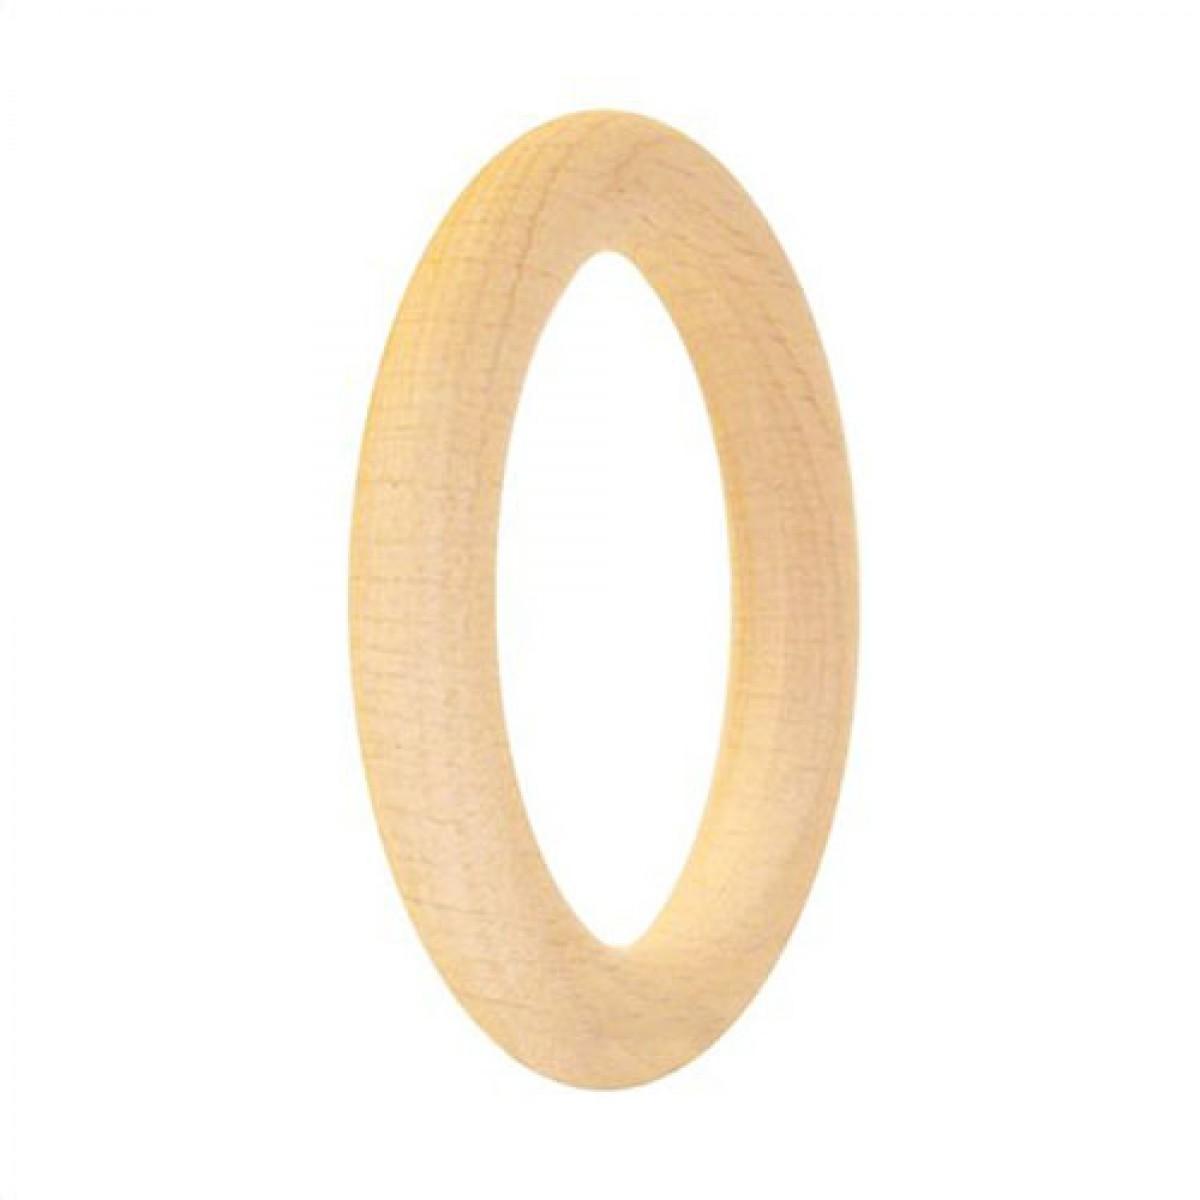 Ξύλινο Βραχιόλι 8.5cm Υλικά Χειροτεχνίας